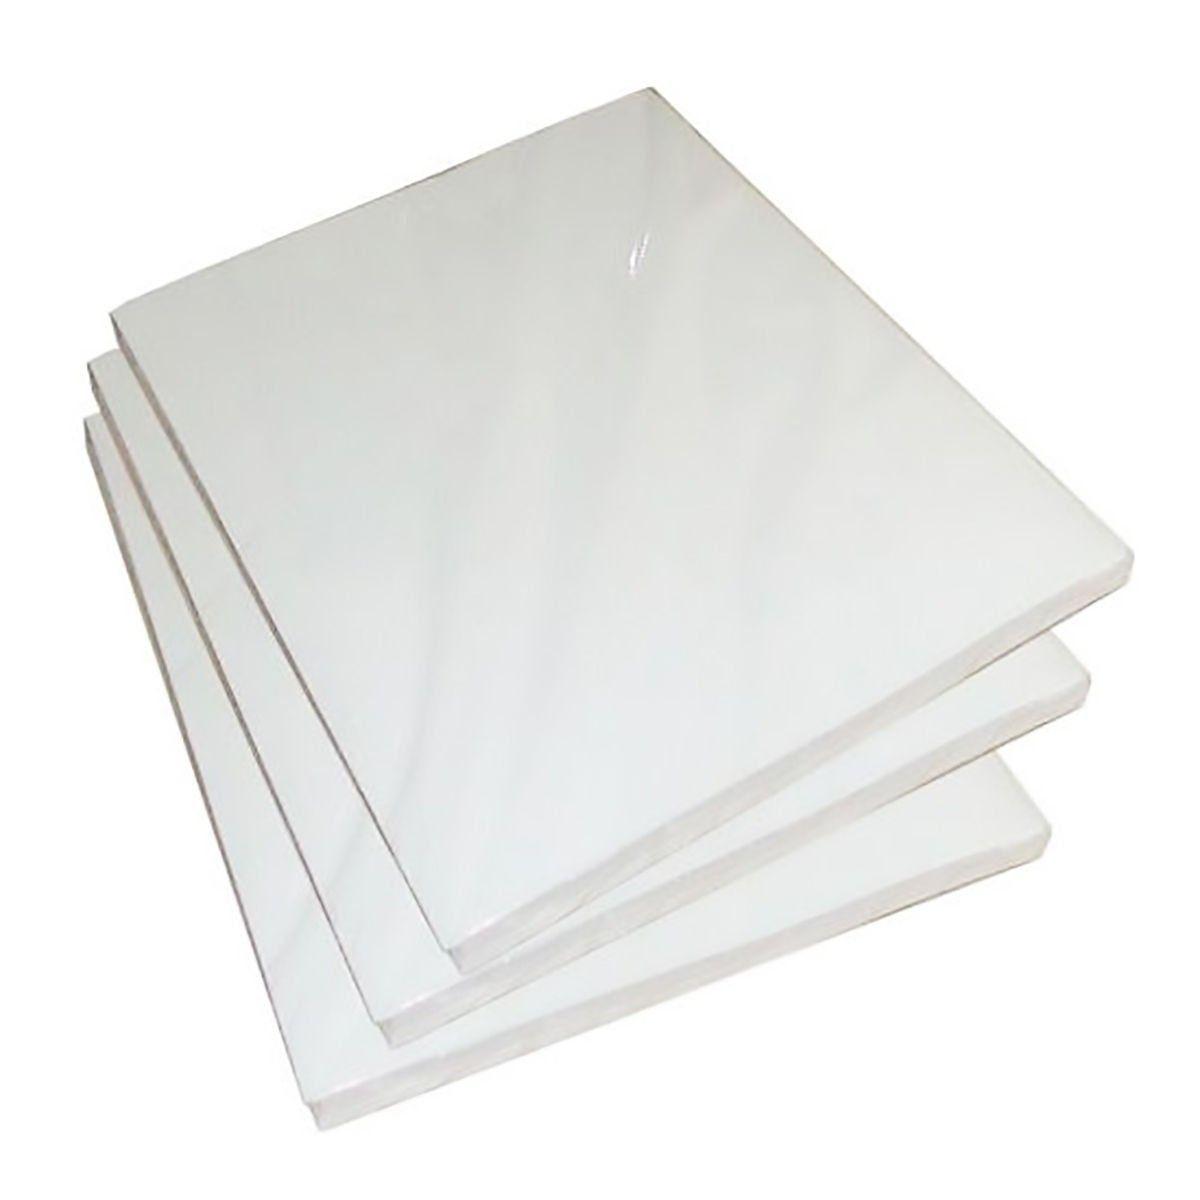 Papel Fotográfico A4 135g Glossy Branco Brilhante Resistente à Água / 100 folhas